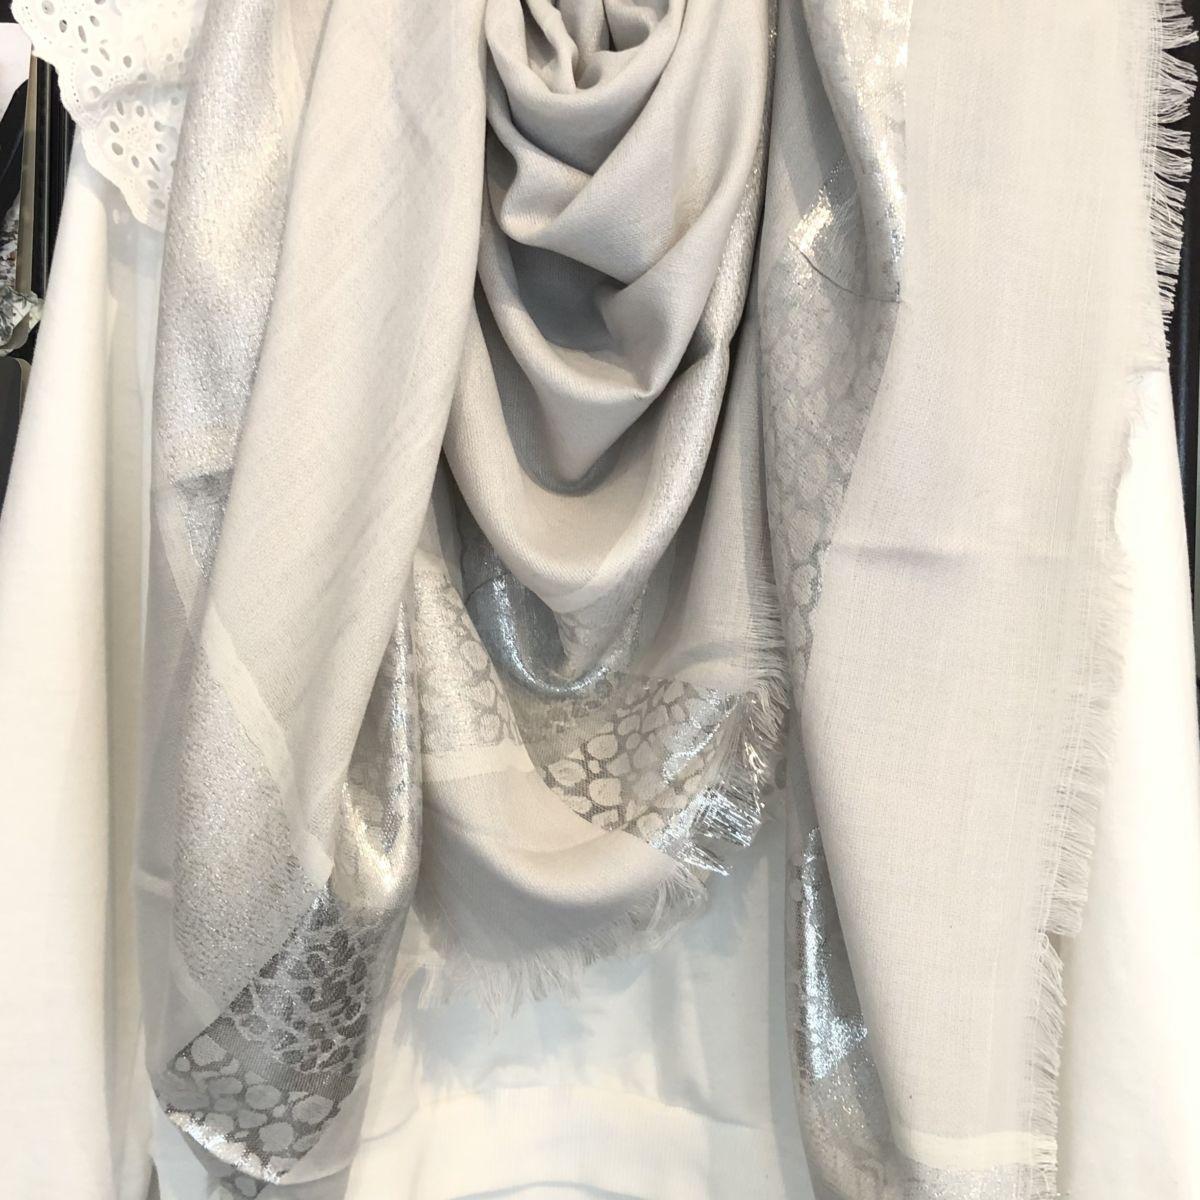 Chèche gris perle argenté by Destele